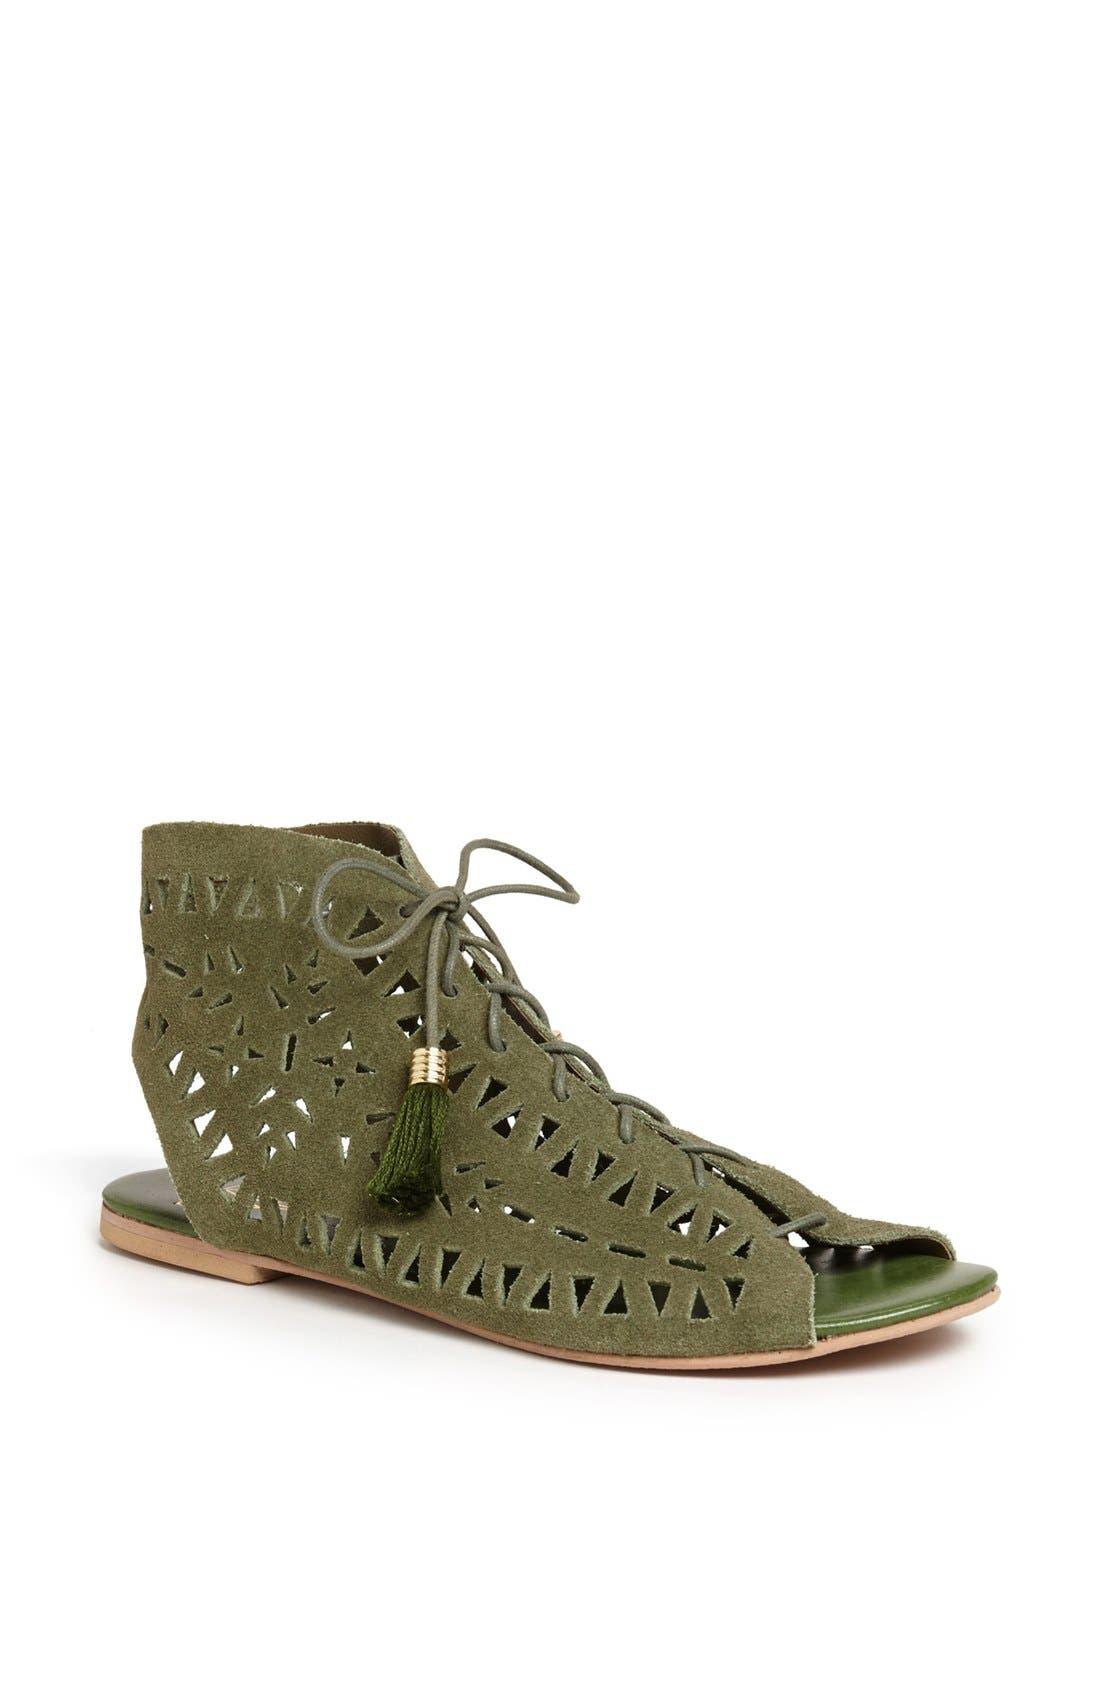 Alternate Image 1 Selected - Matisse 'Ascot Friday - Boheme' Sandal